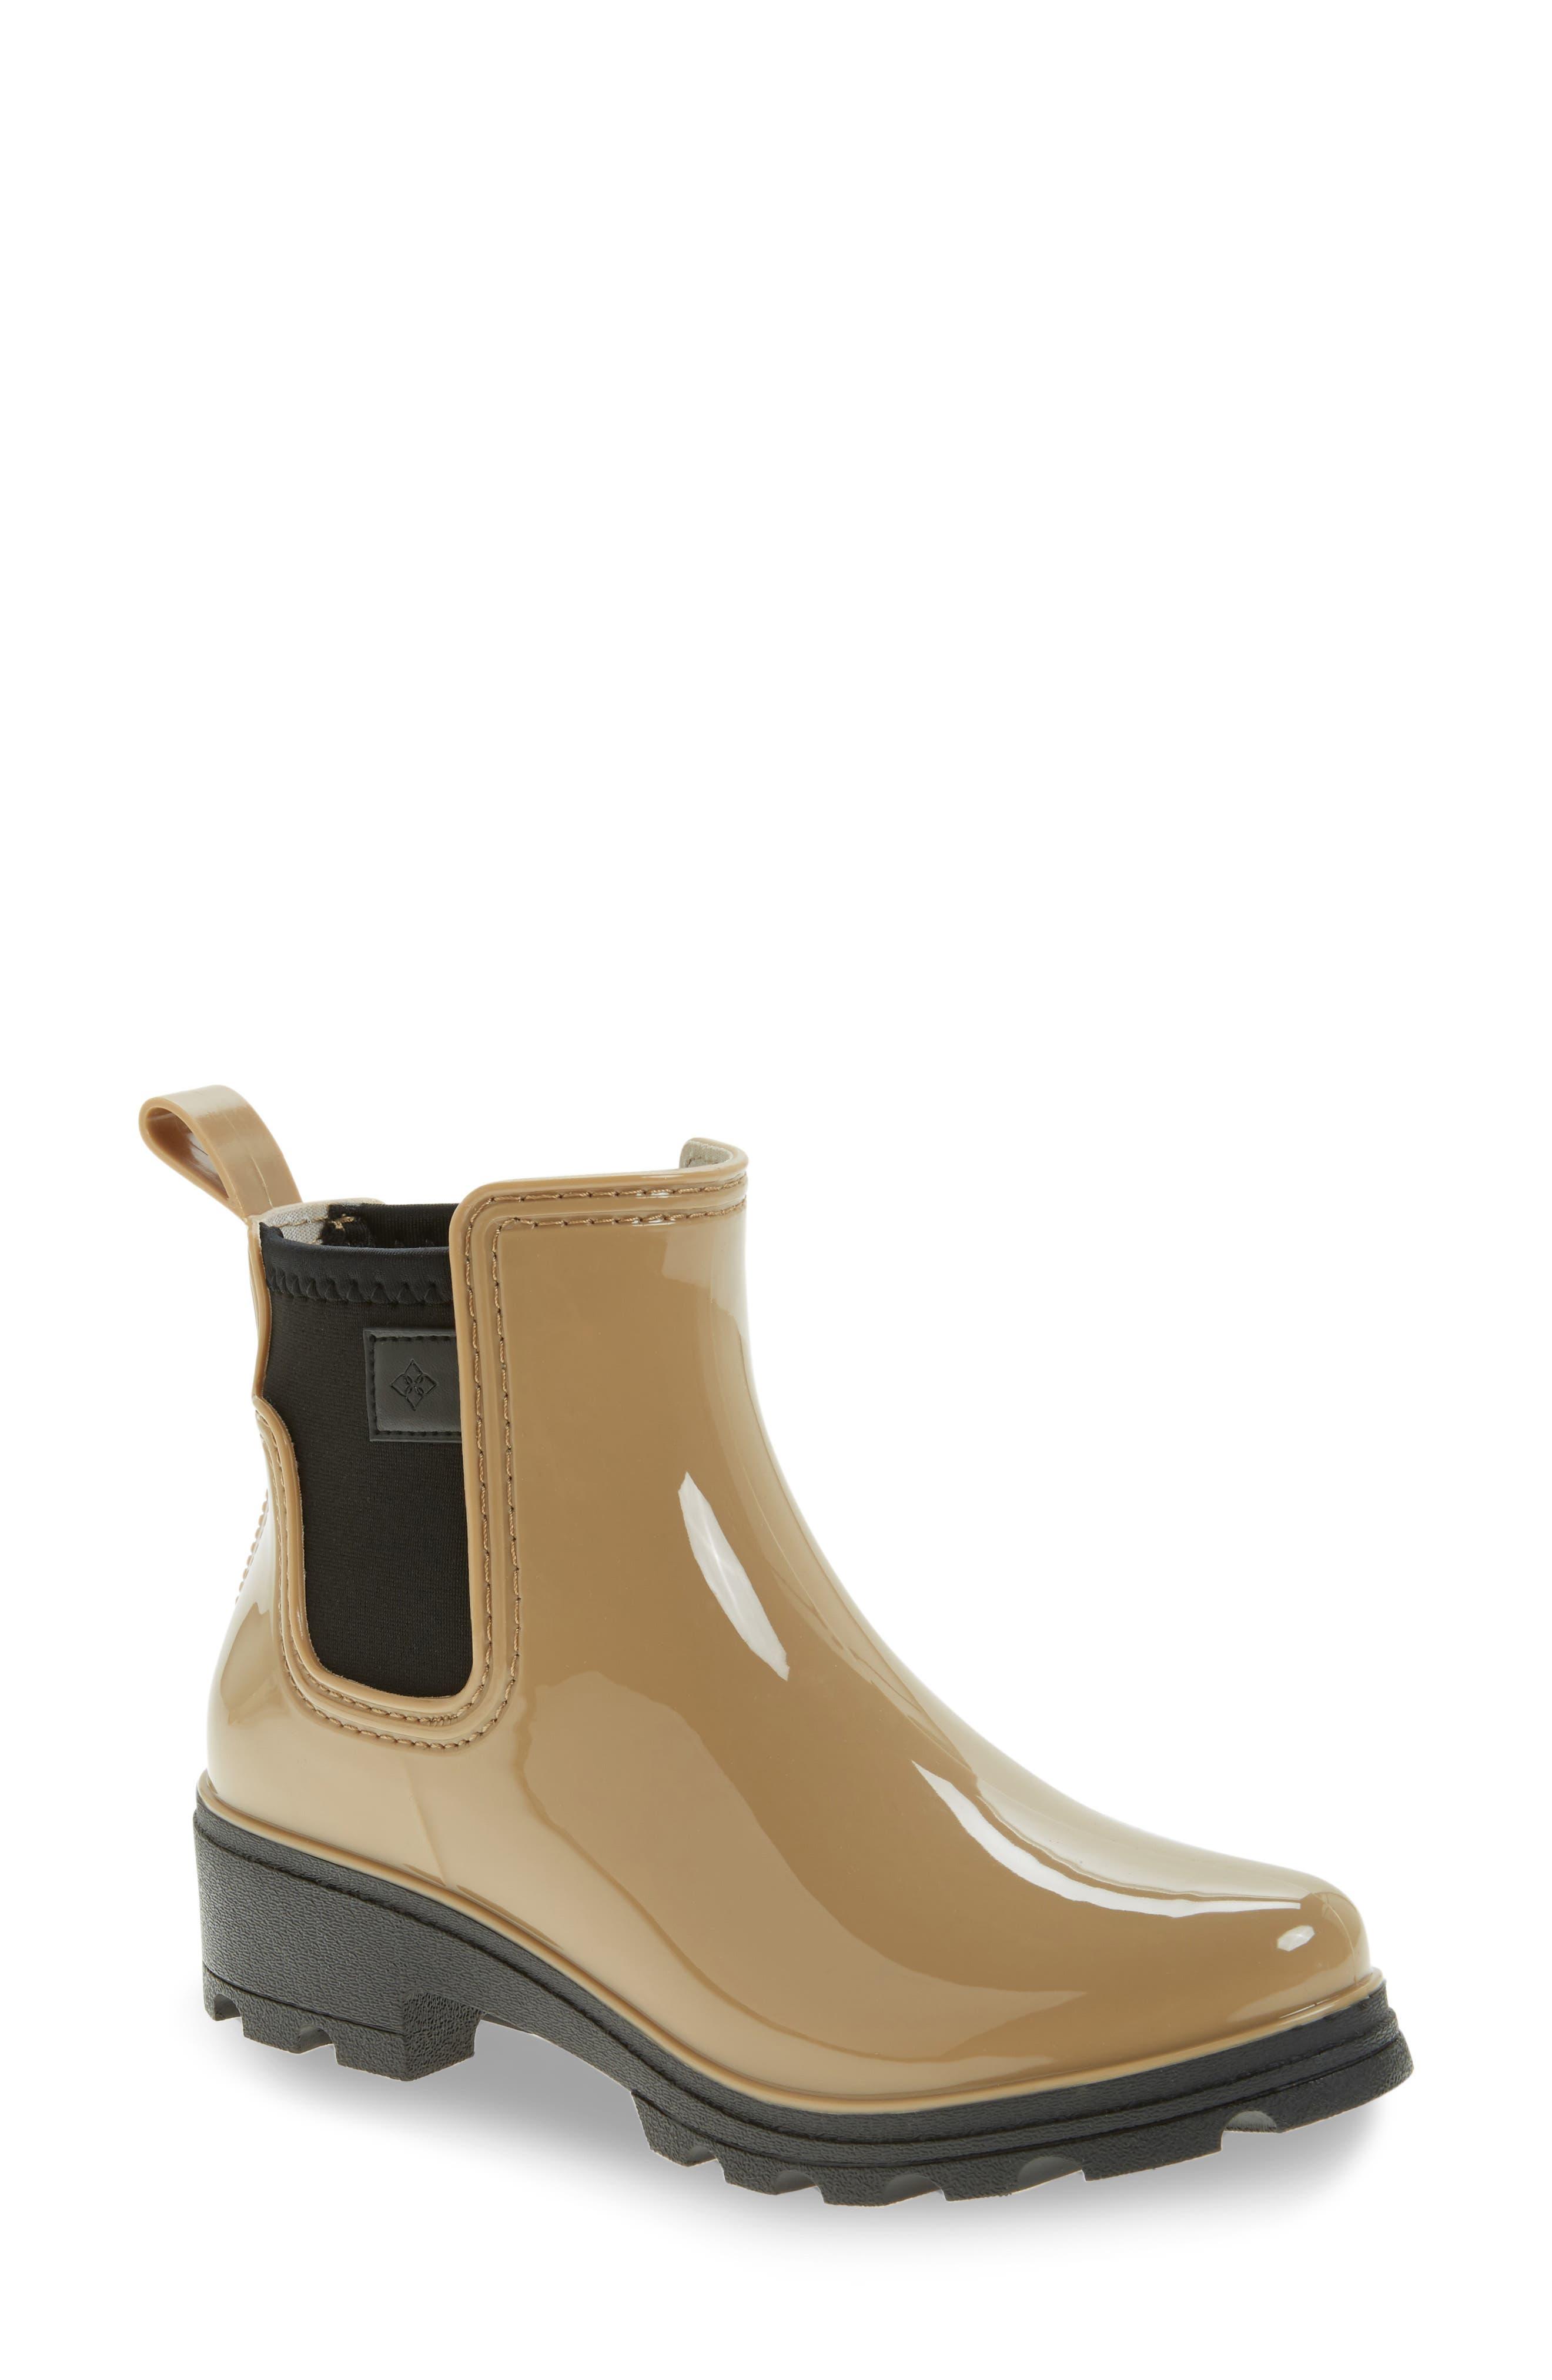 DÄV 'Prague' Waterproof Chelsea Rain Boot